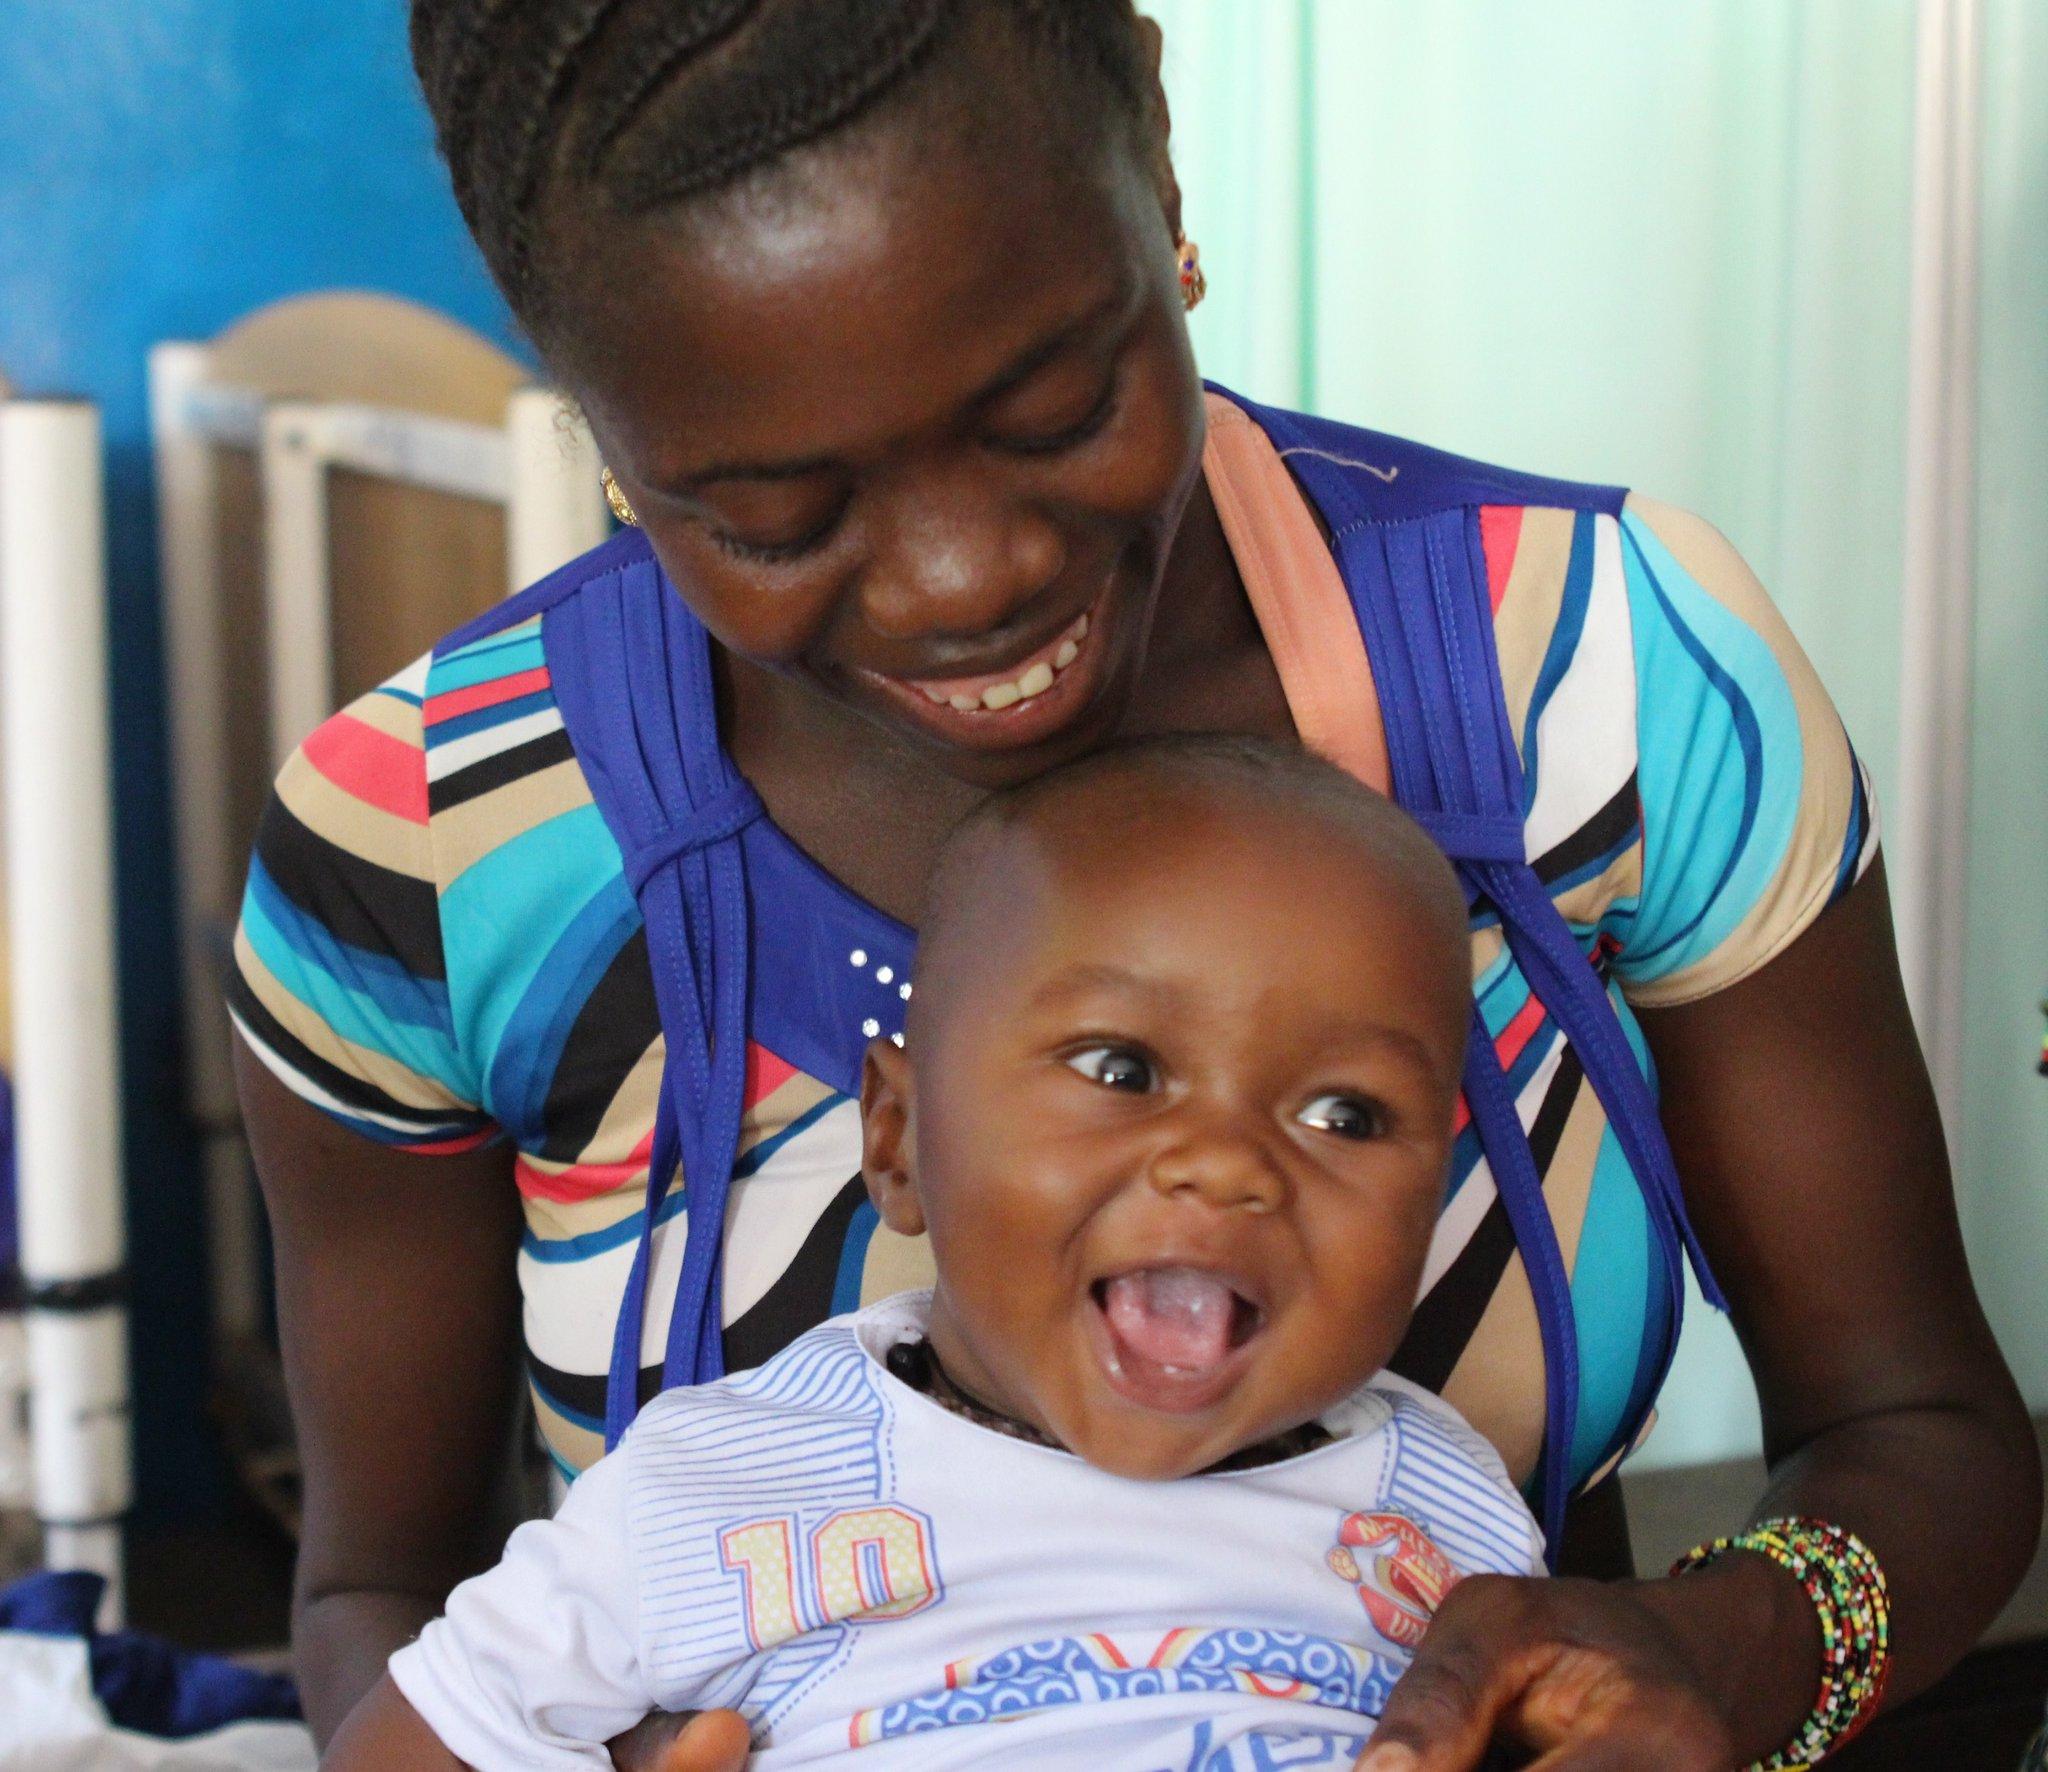 �� this!   #SmileDay  Thanks for the photo @UNICEFSL. https://t.co/roziXIJHwS